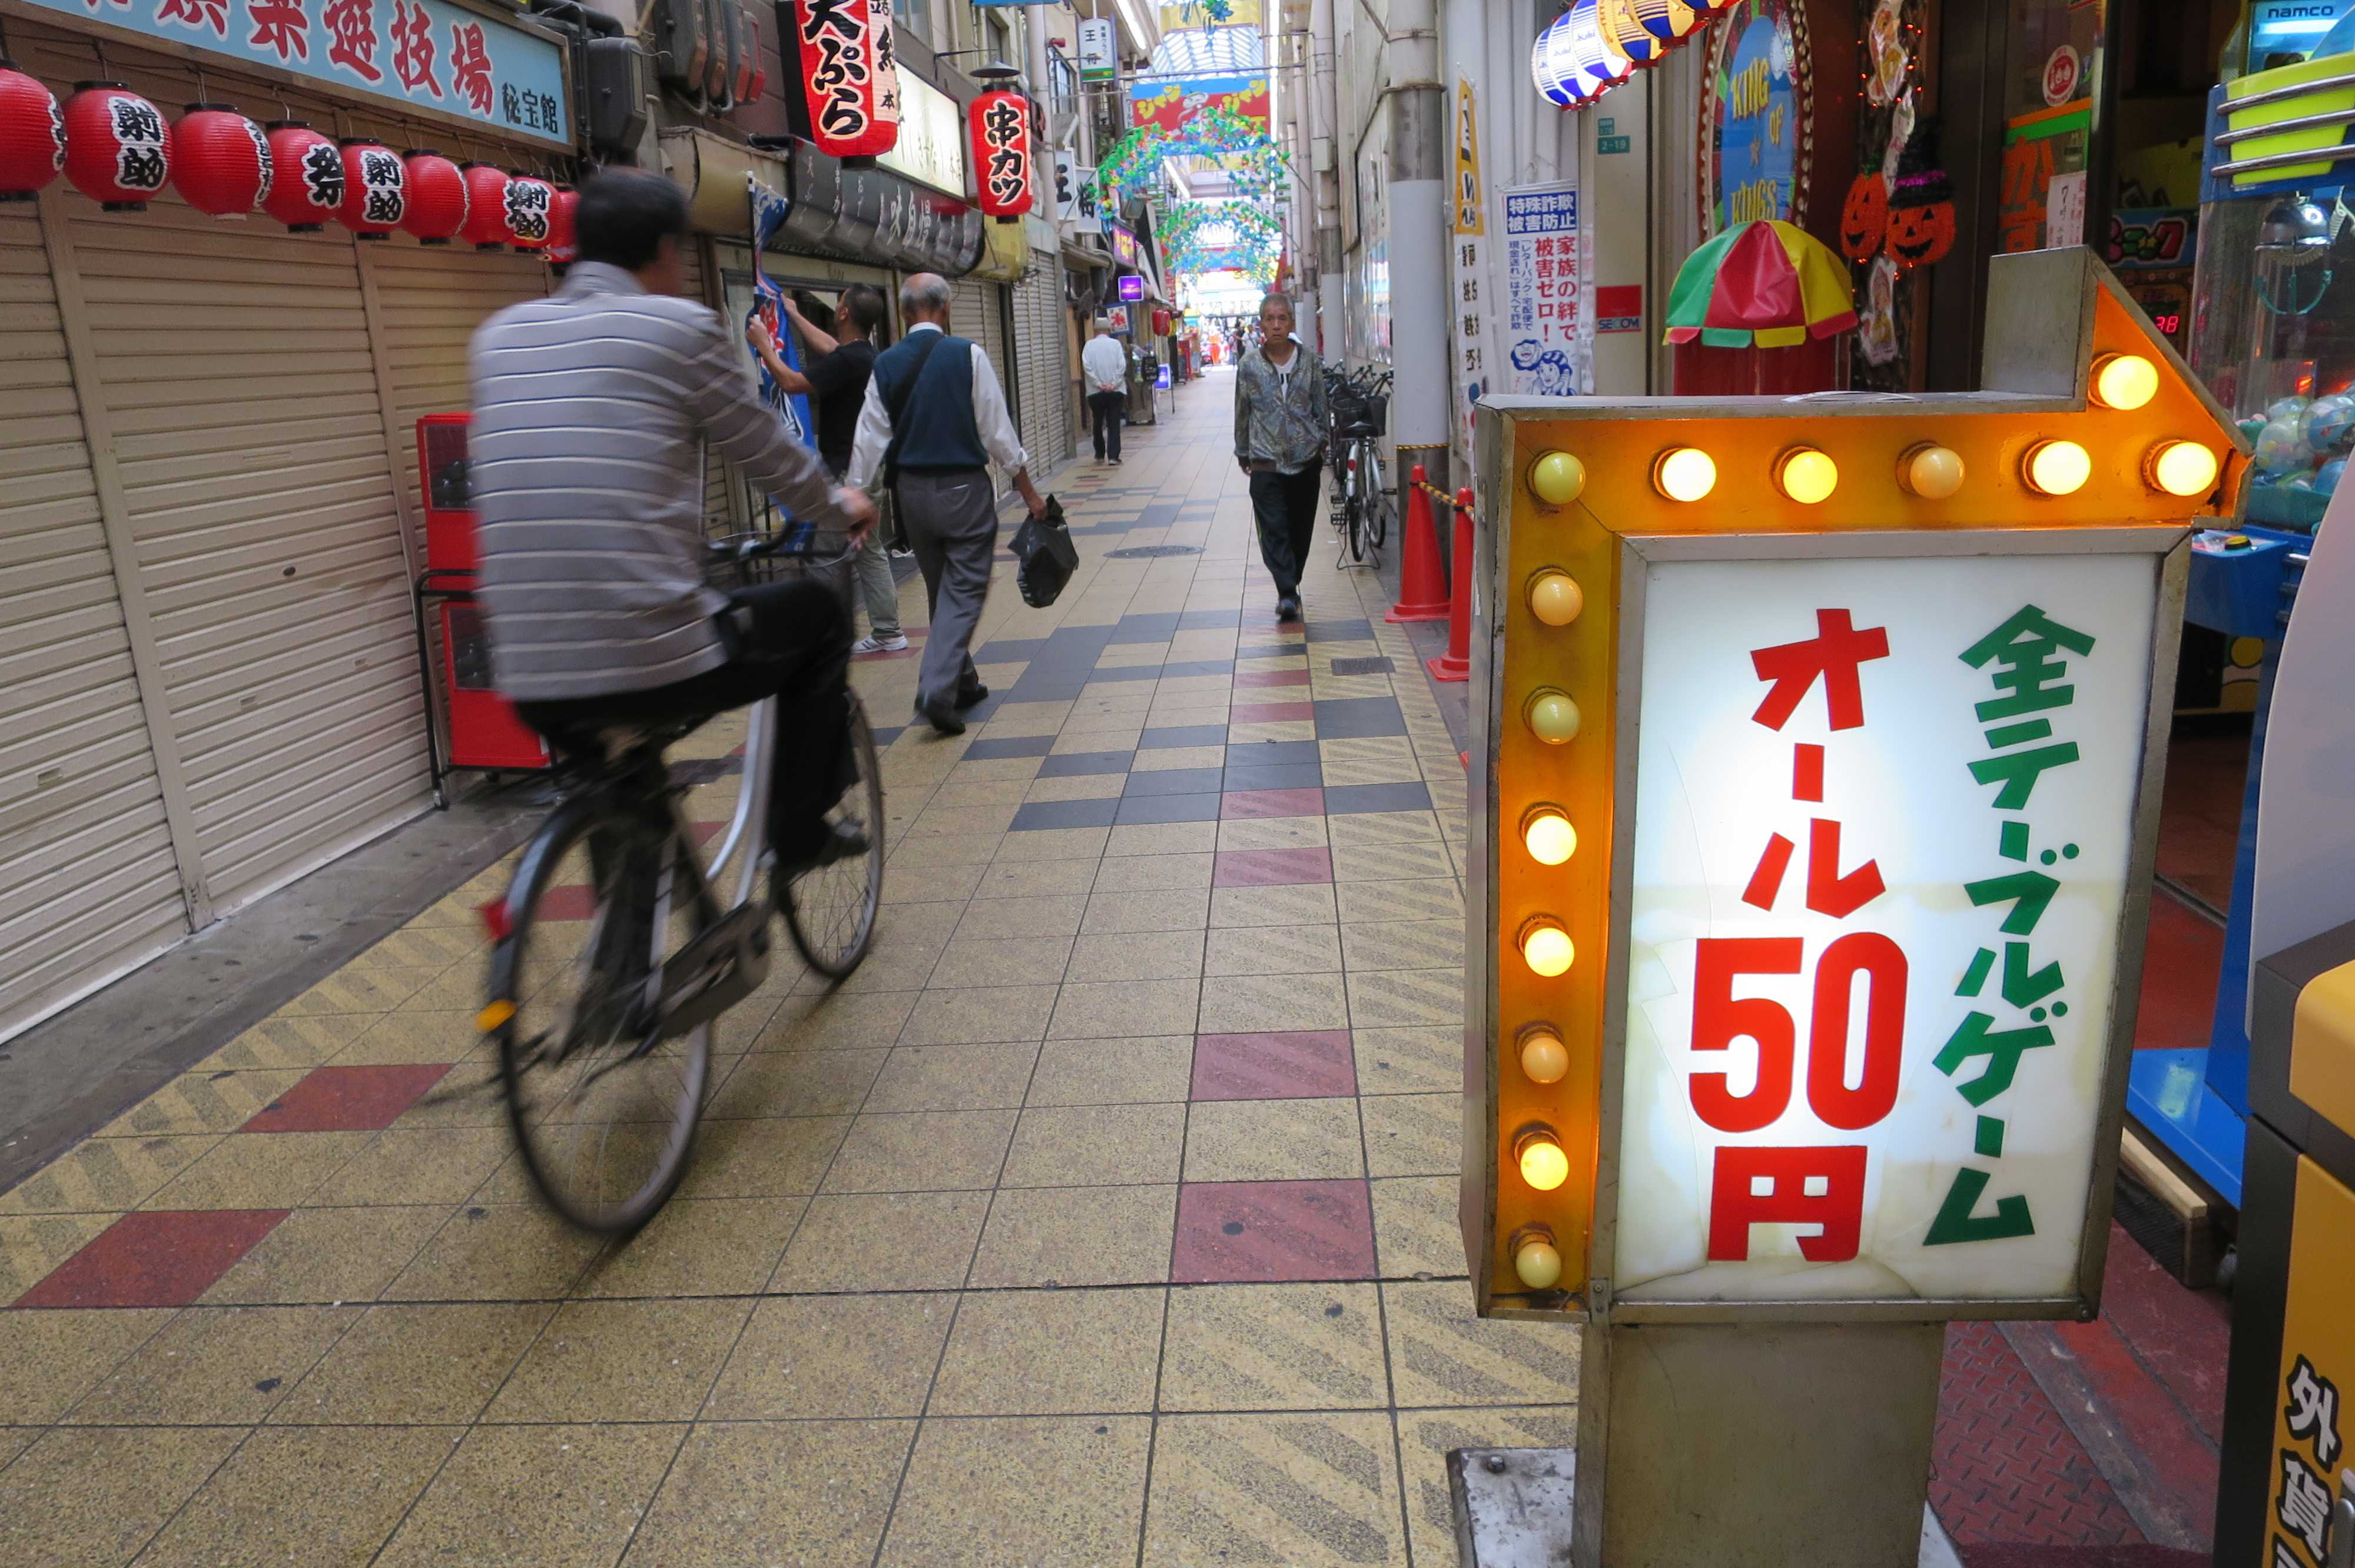 全テーブルゲーム オール50円 - ジャンジャン横丁